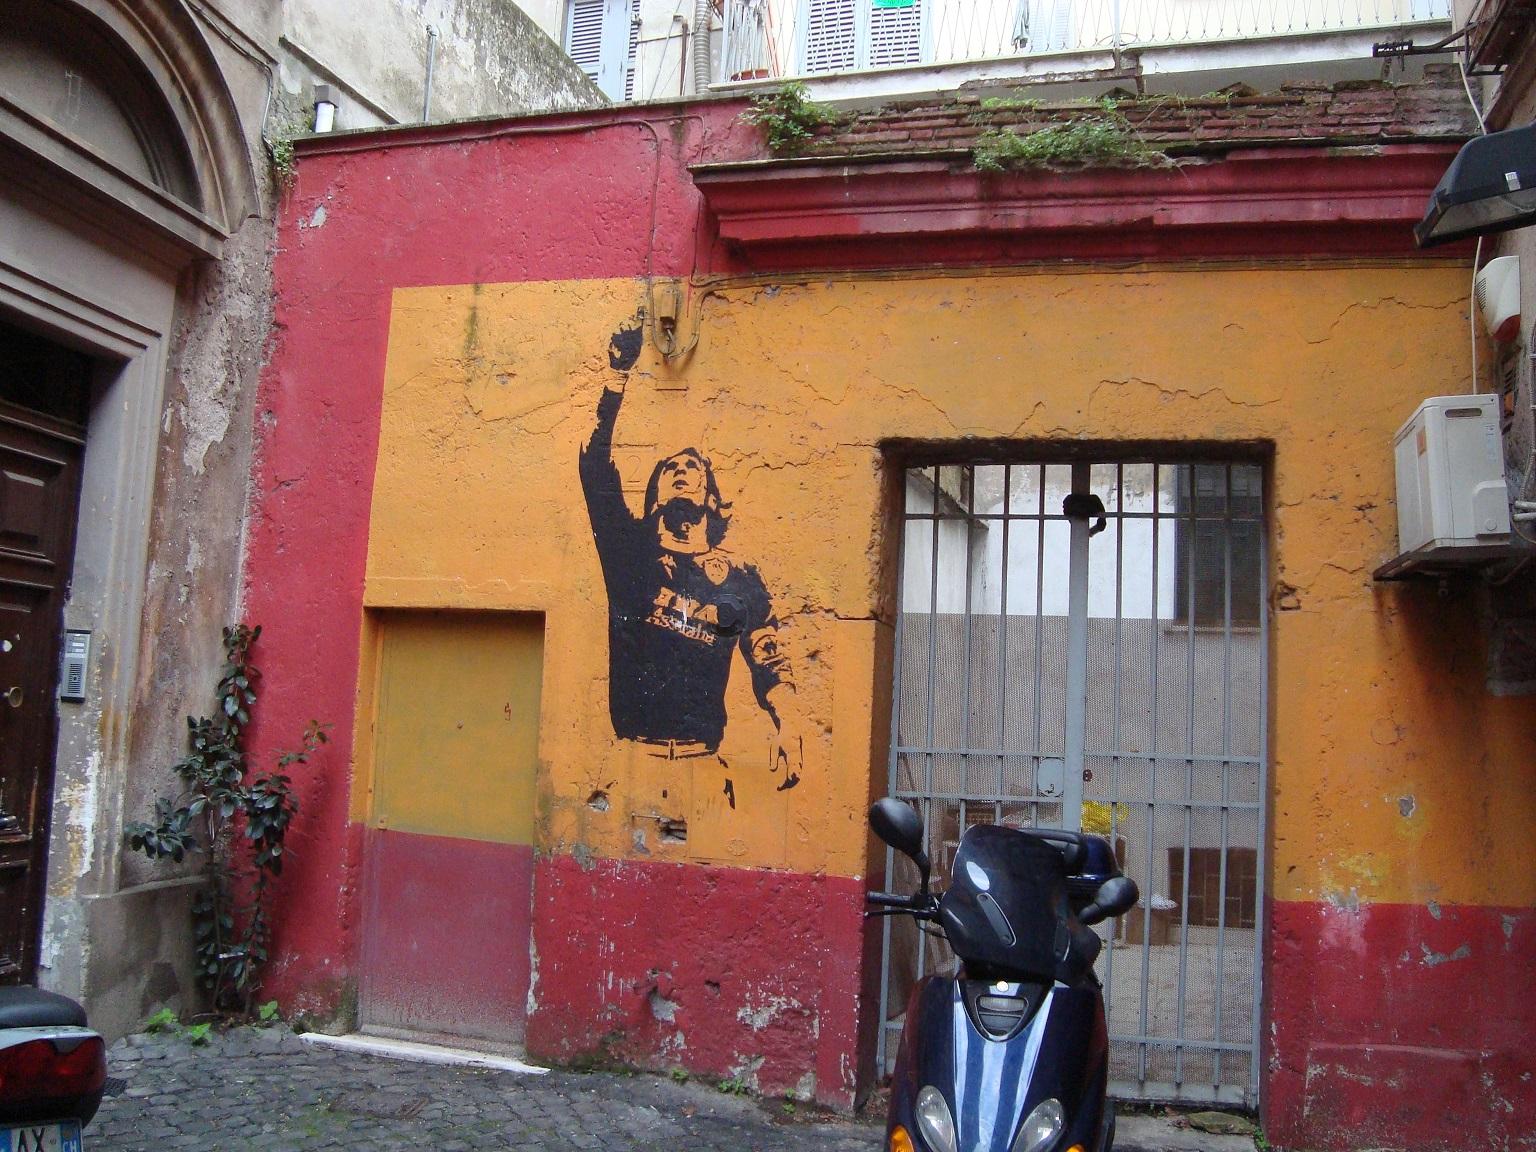 Murales dedicato a Totti realizzato in occasione dello scudetto del 2001